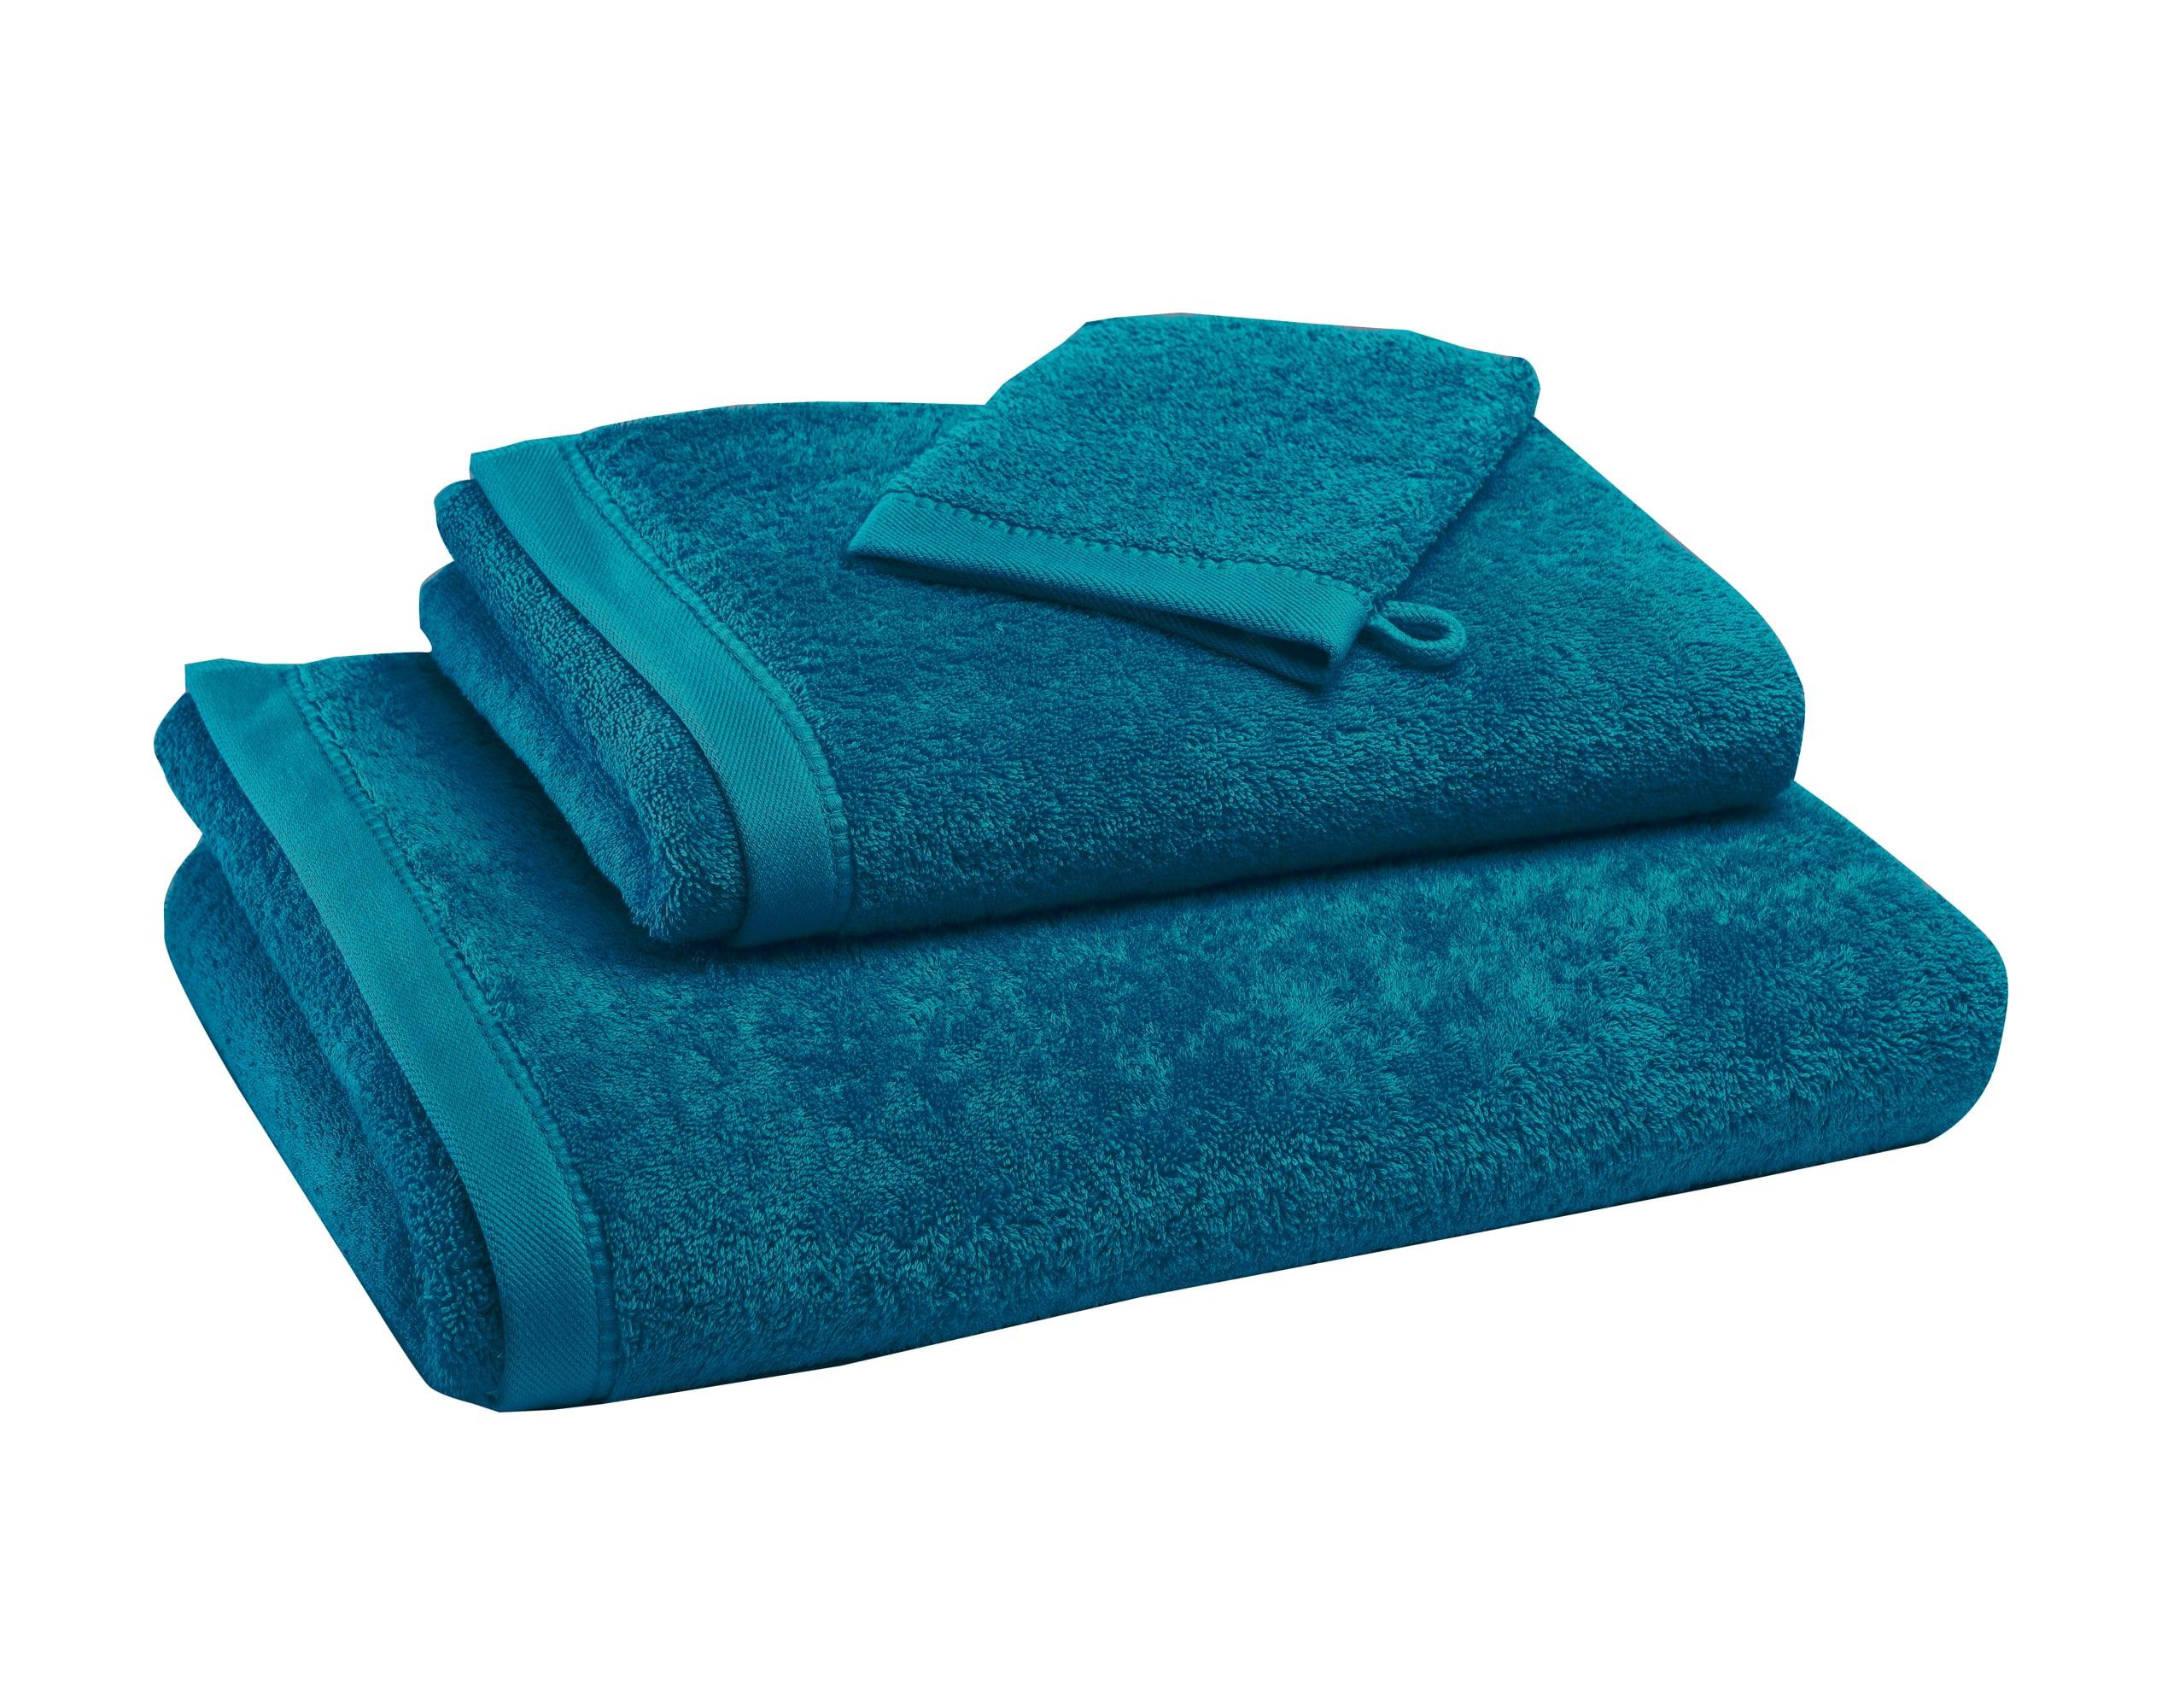 Drap de bain bleu 70x140 en coton bio